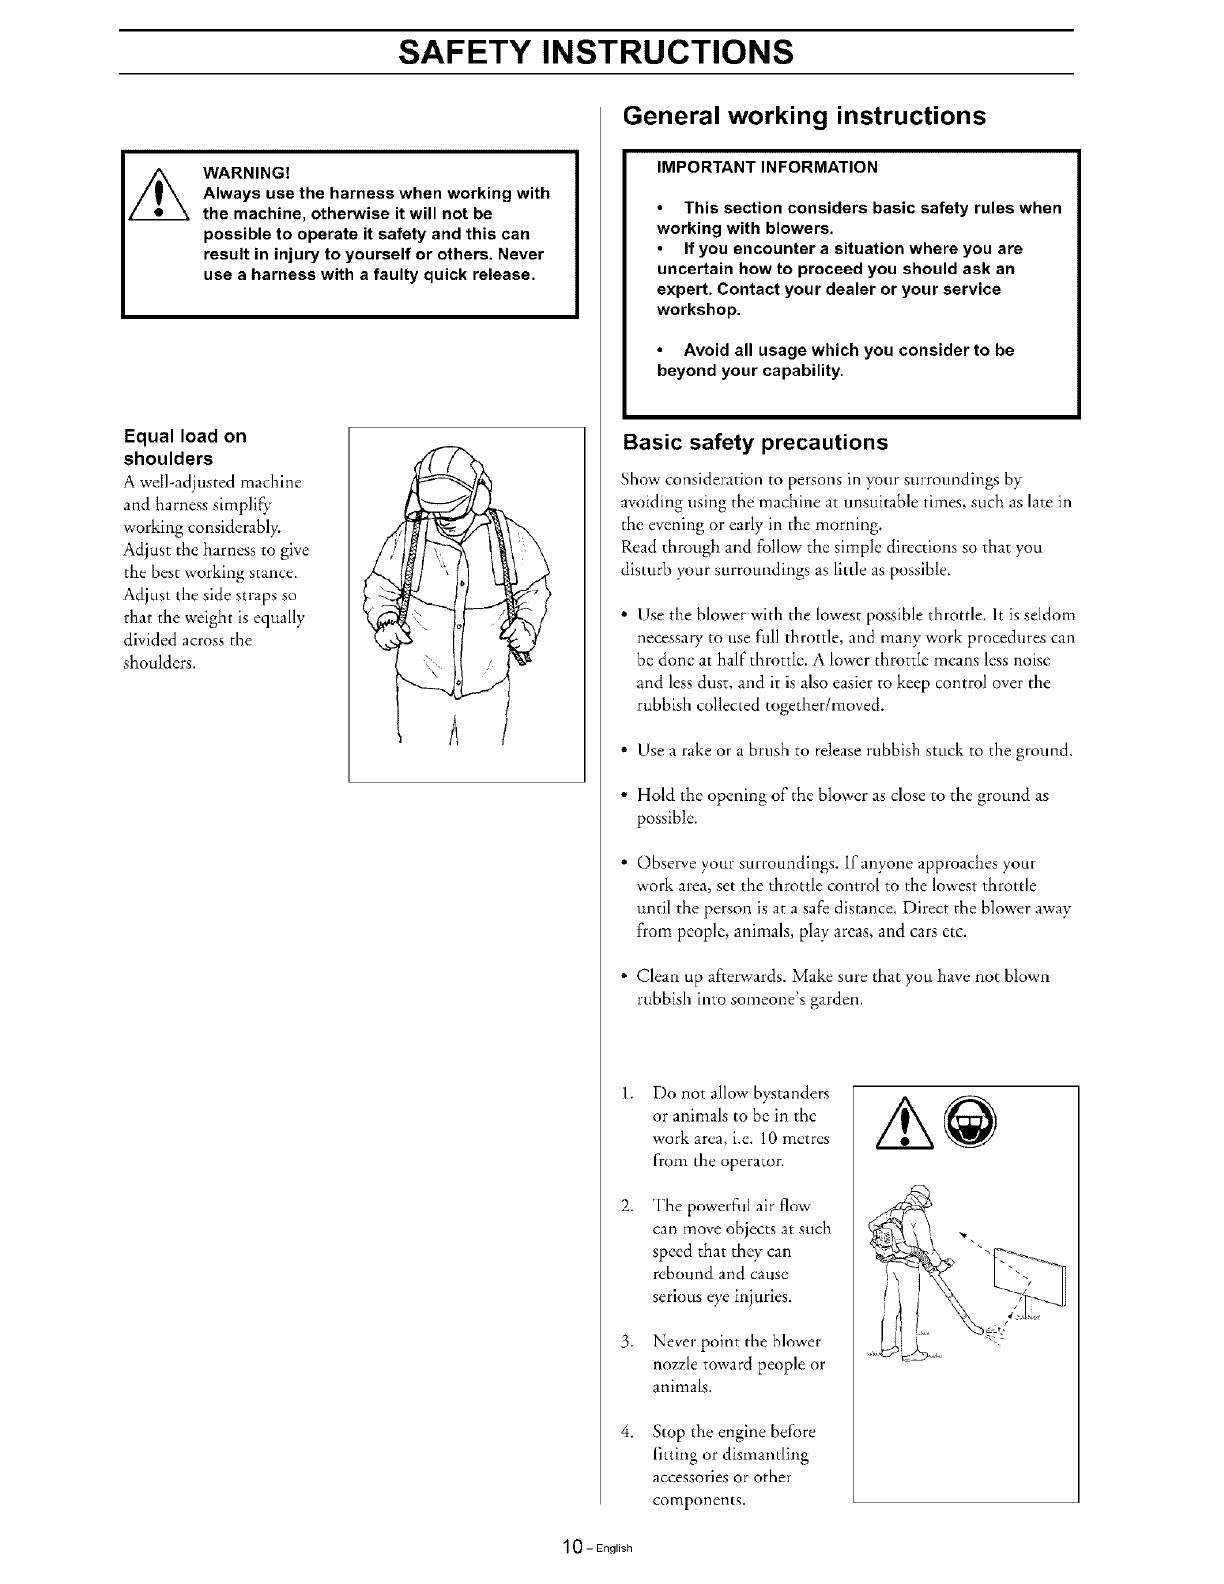 husqvarna bt125 manual